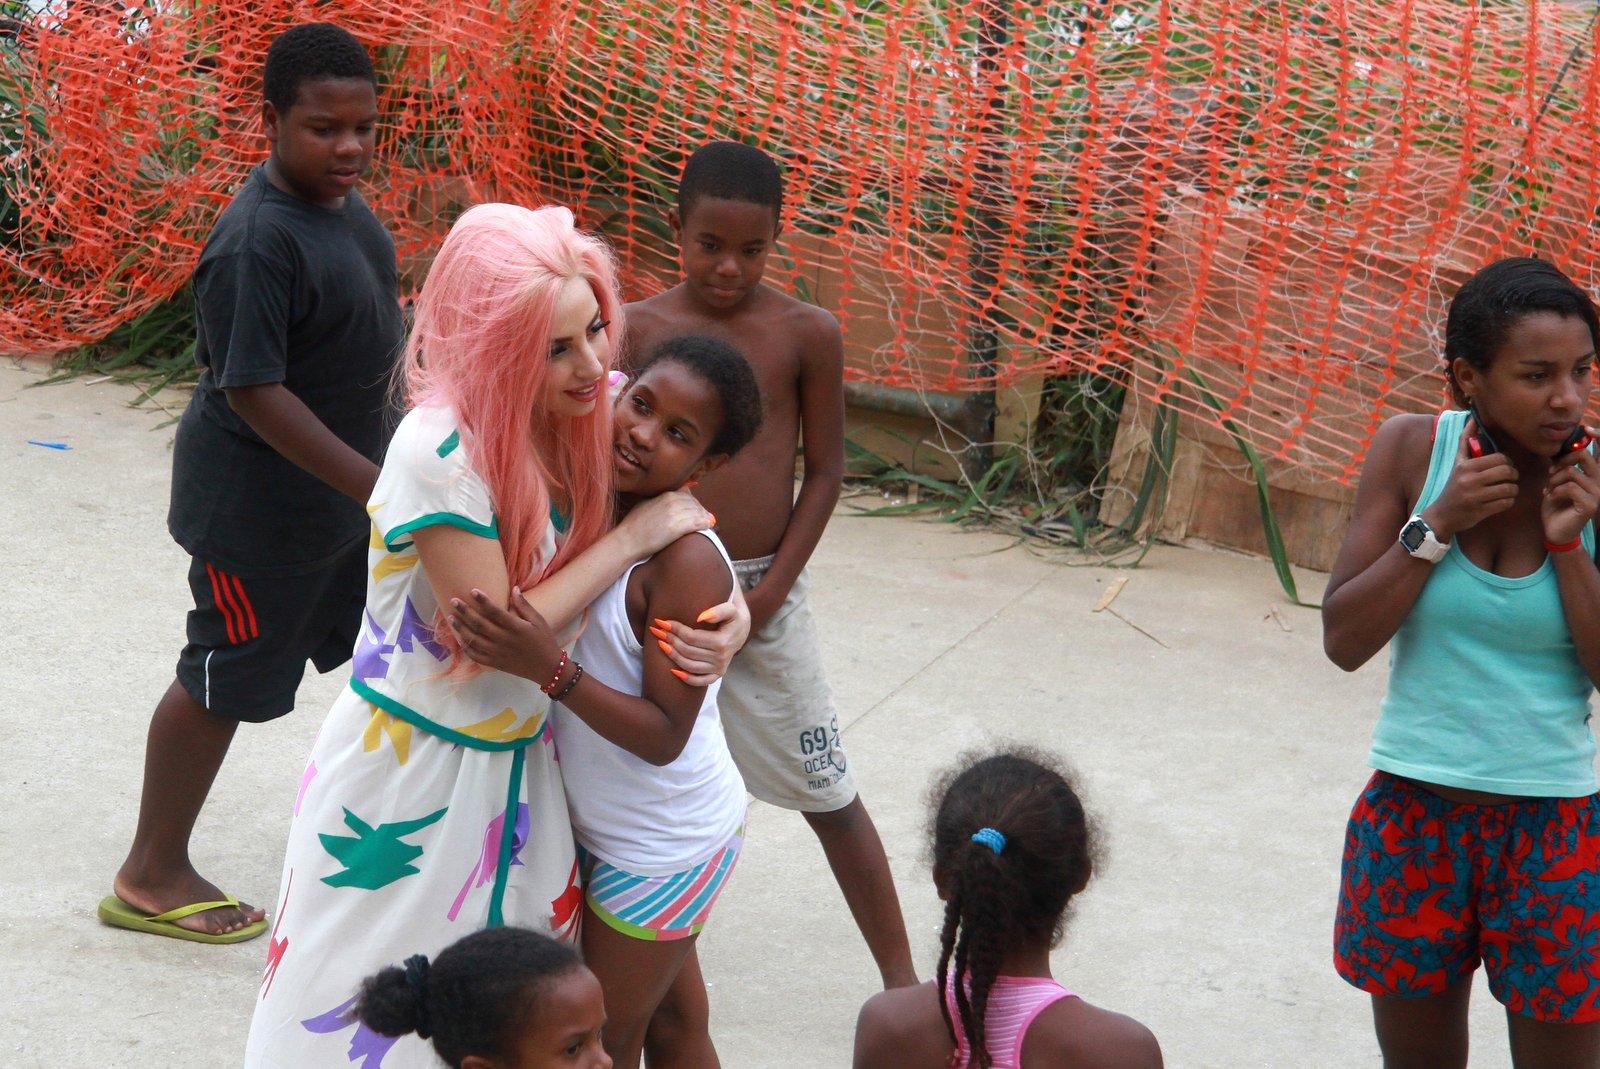 No dia 8, Lady Gaga visitou a comunidade do Cantagalo no Rio. Ela andou descalça, jogou futebol com as crianças e andou de moto-táxi. A cantora veio ao Brasil para uma série de shows.